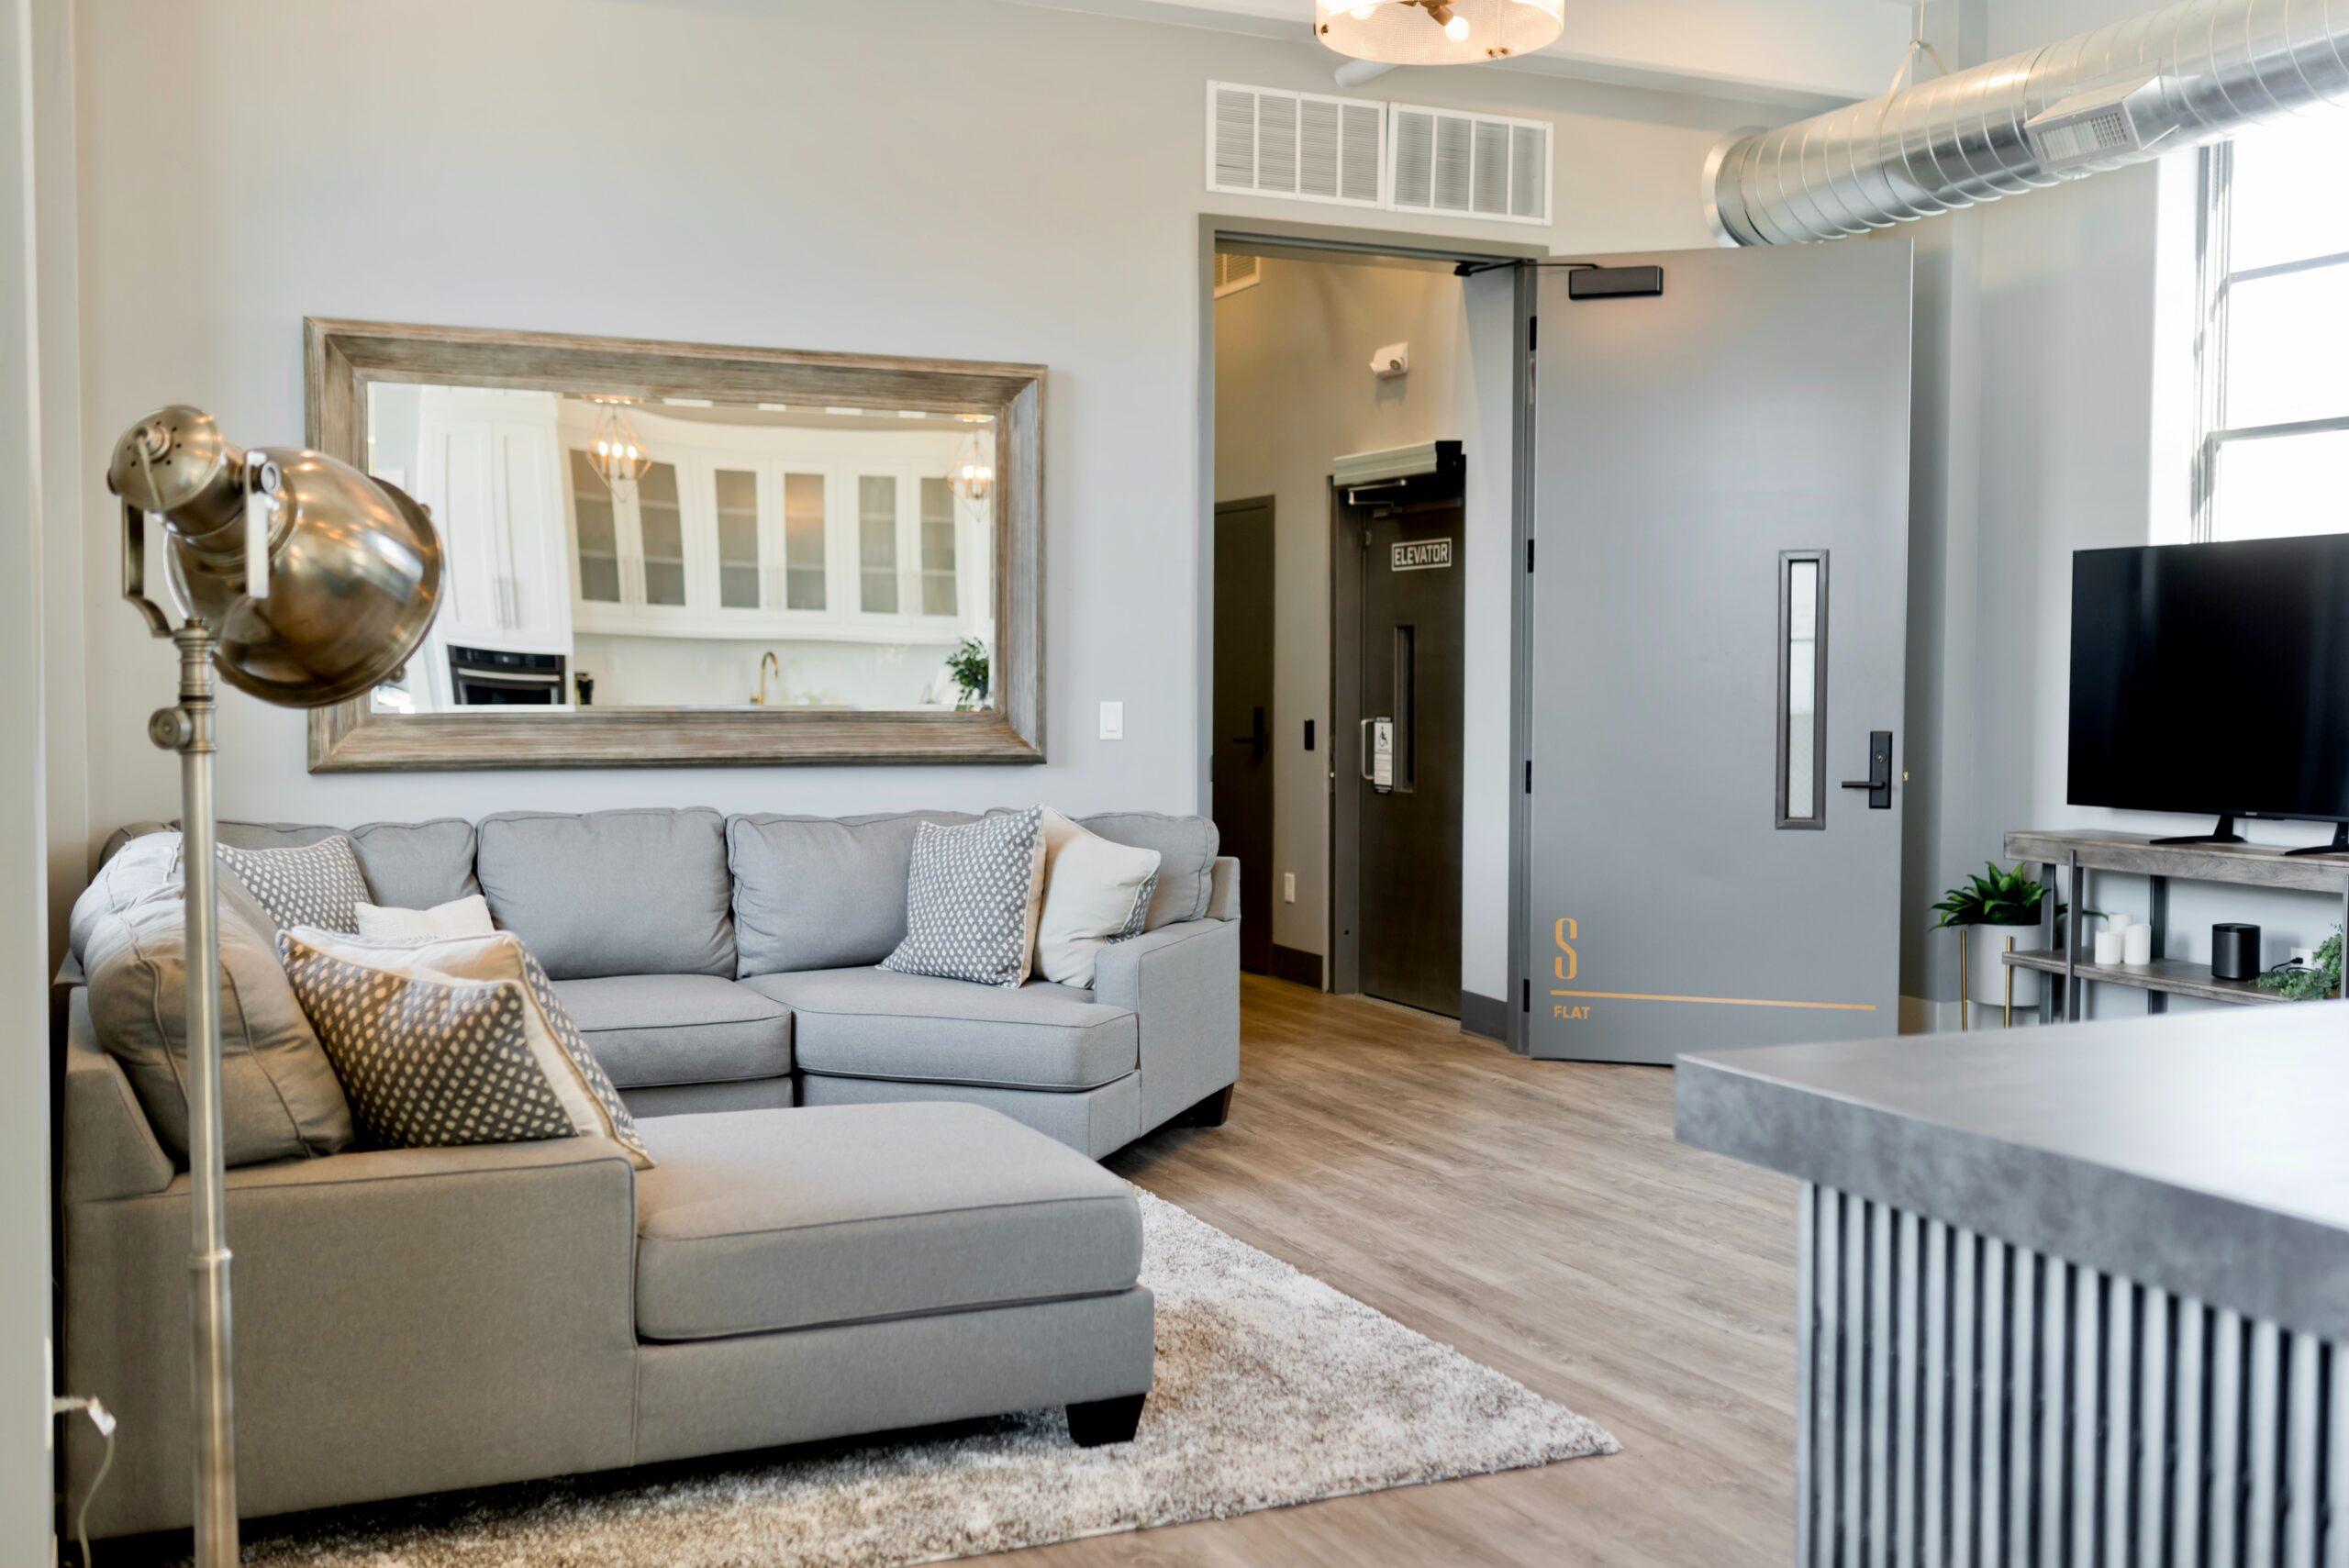 Eine Wohlfühloase mit grauem Sofa und flauschigem Teppich auf der linken Seite. Der Raum wird durch eine Lampe am linken Rand wunderbar erhellt. Auf der rechten Seite ist ein schönes Siteboard inklusive Fernseher zu sehen.